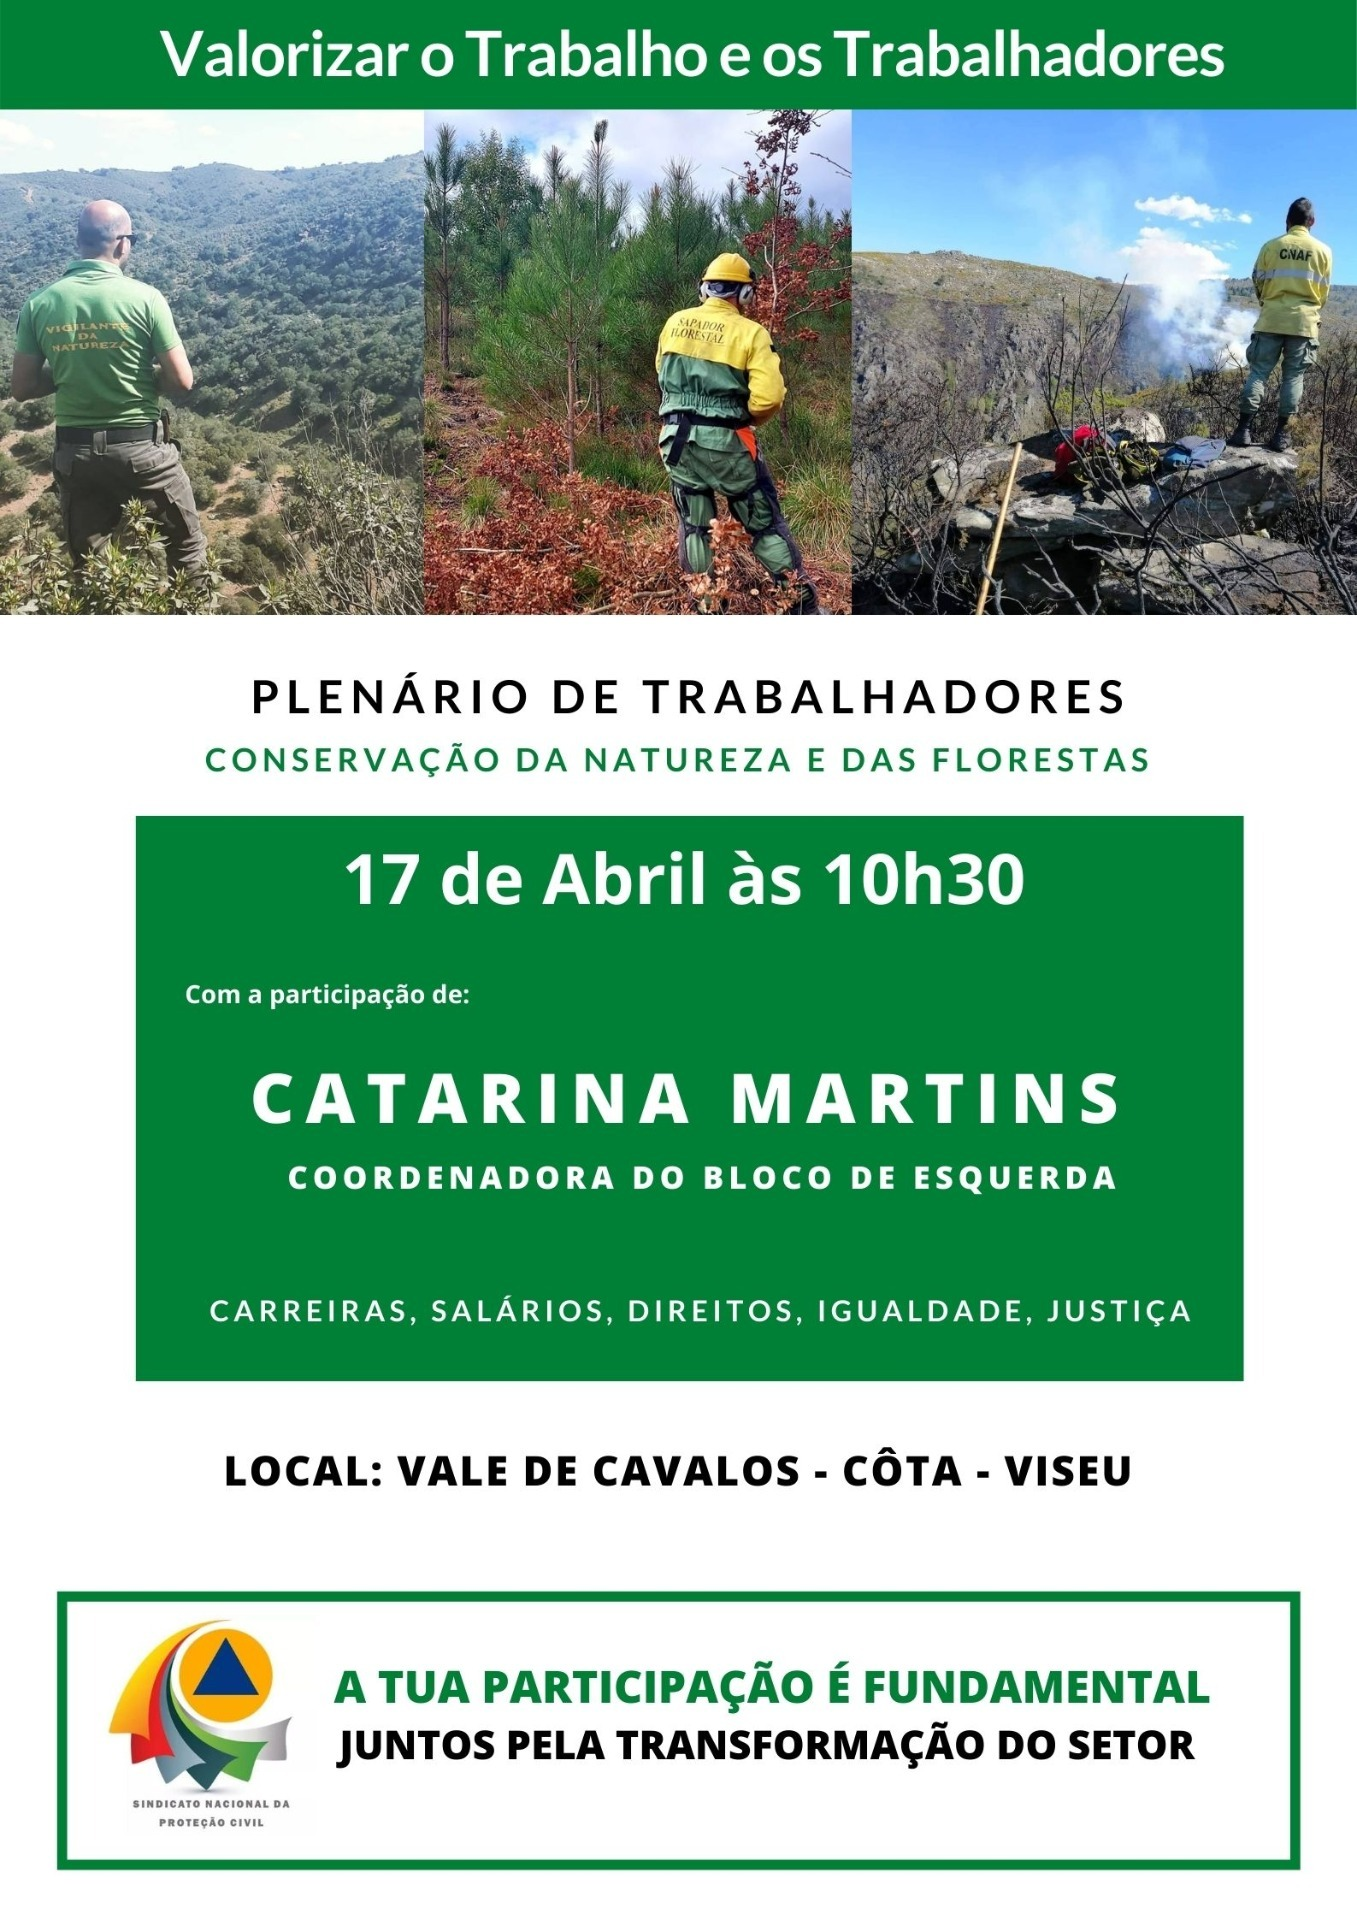 Catarina Martins vai estar em Viseu com trabalhadores da Conservação da Natureza e das Florestas